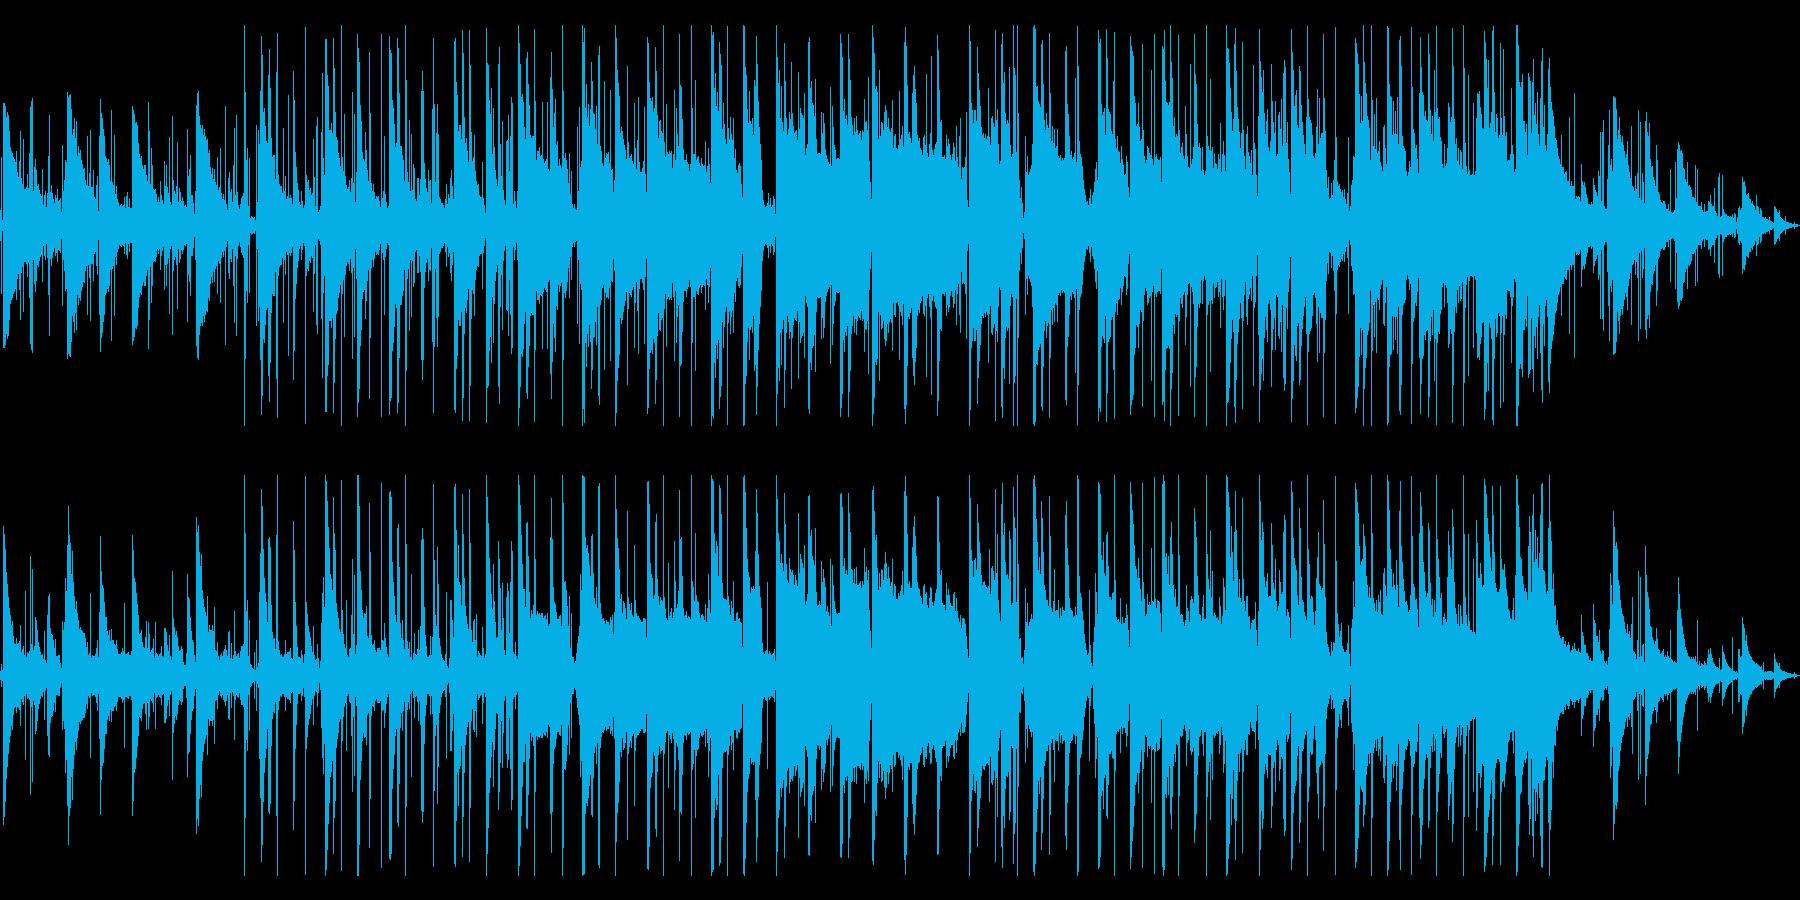 哀愁と懐かしさのあるlo-fiビートの再生済みの波形